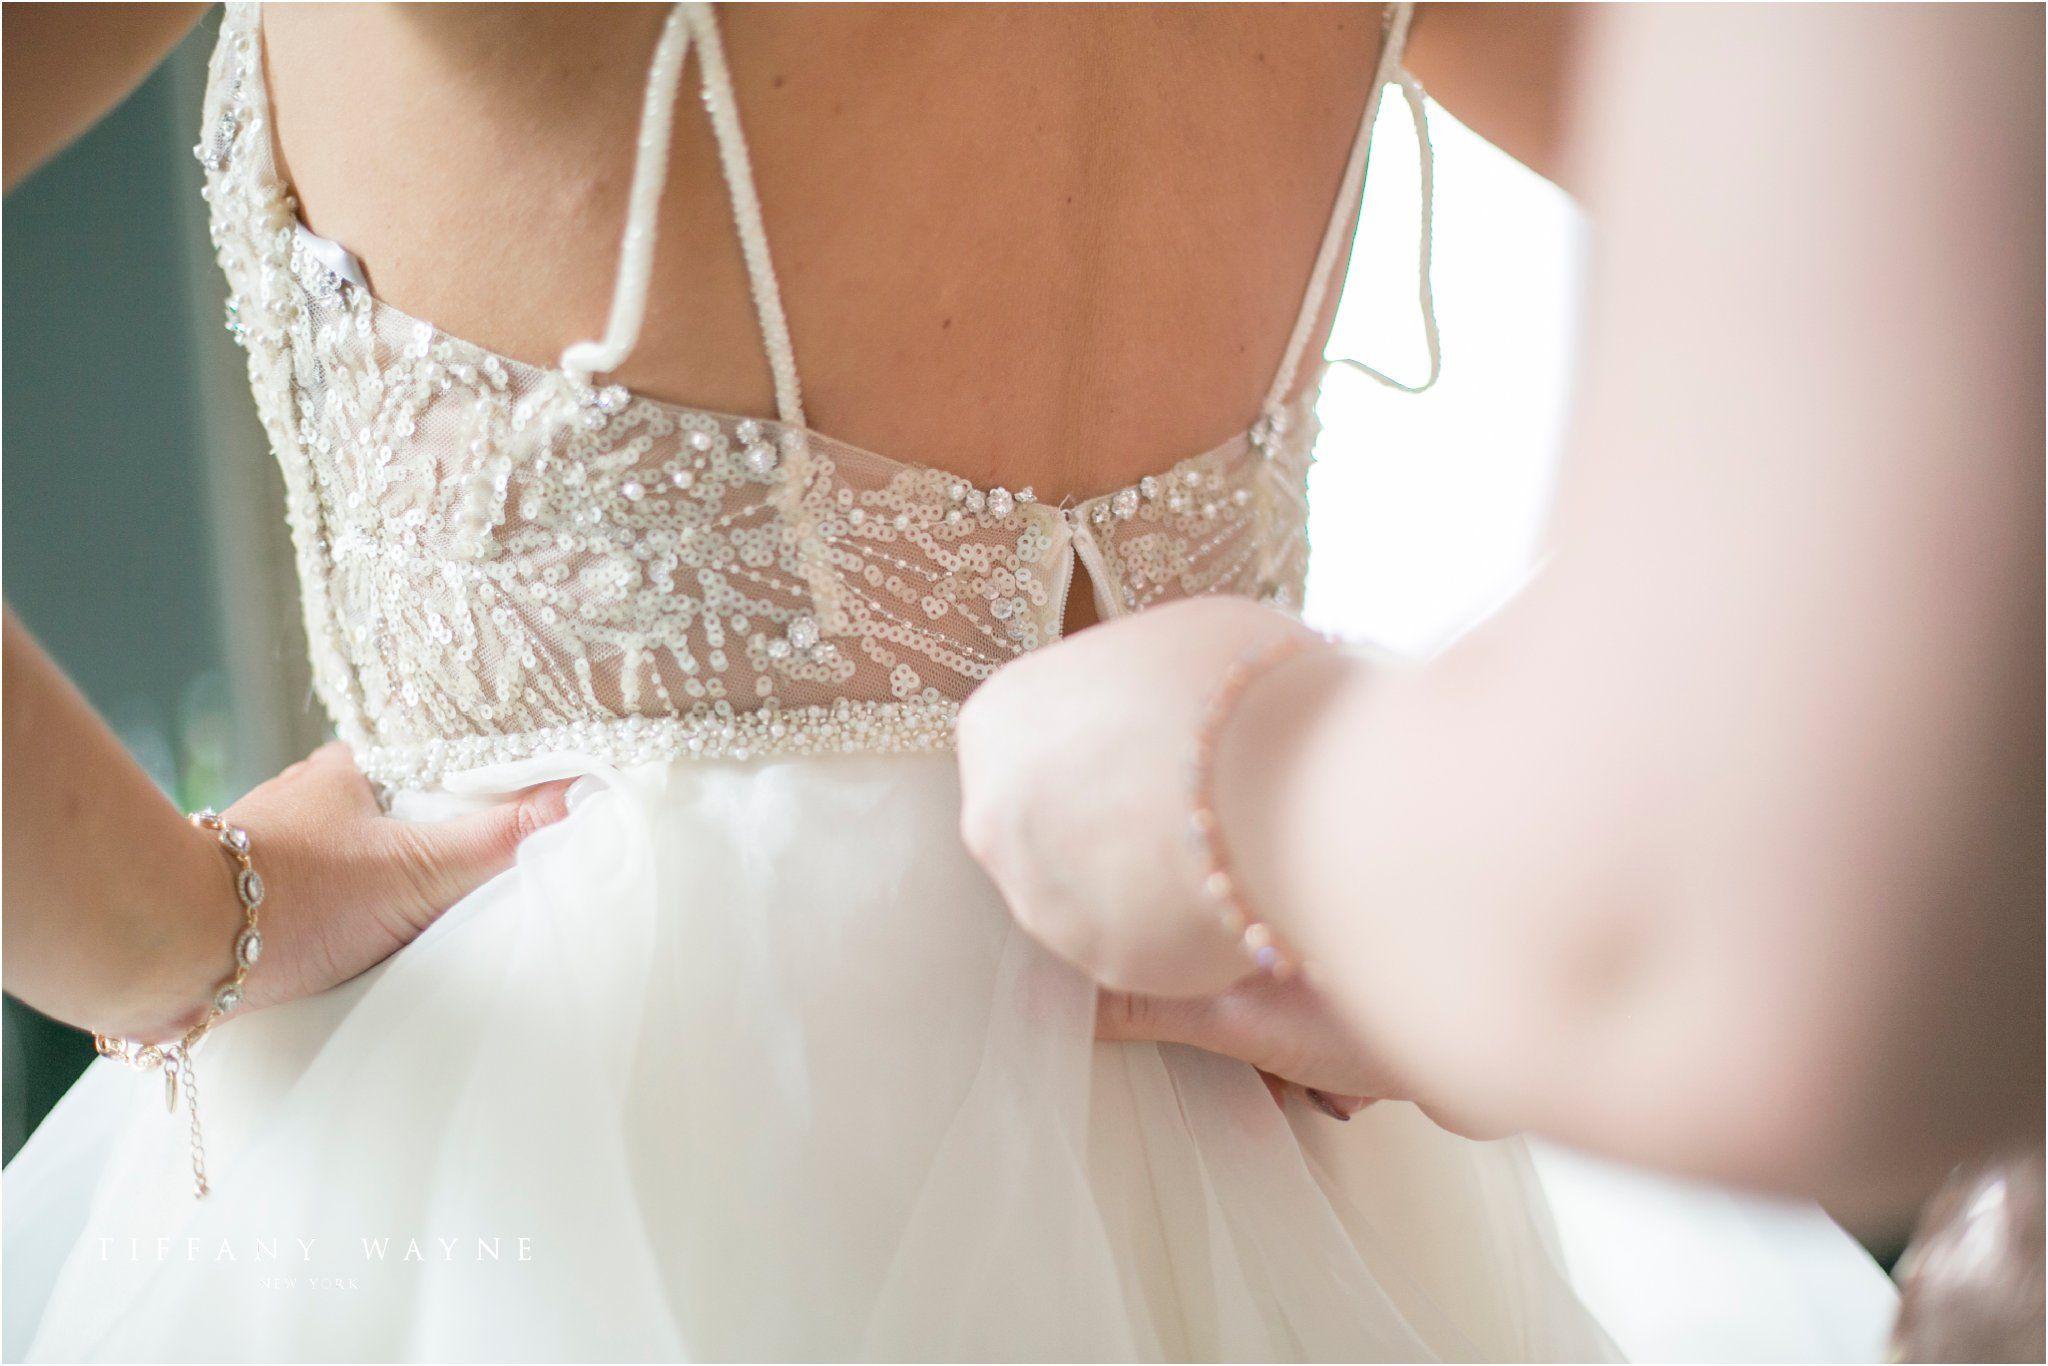 Bride putting on wedding dress photos bride getting ready